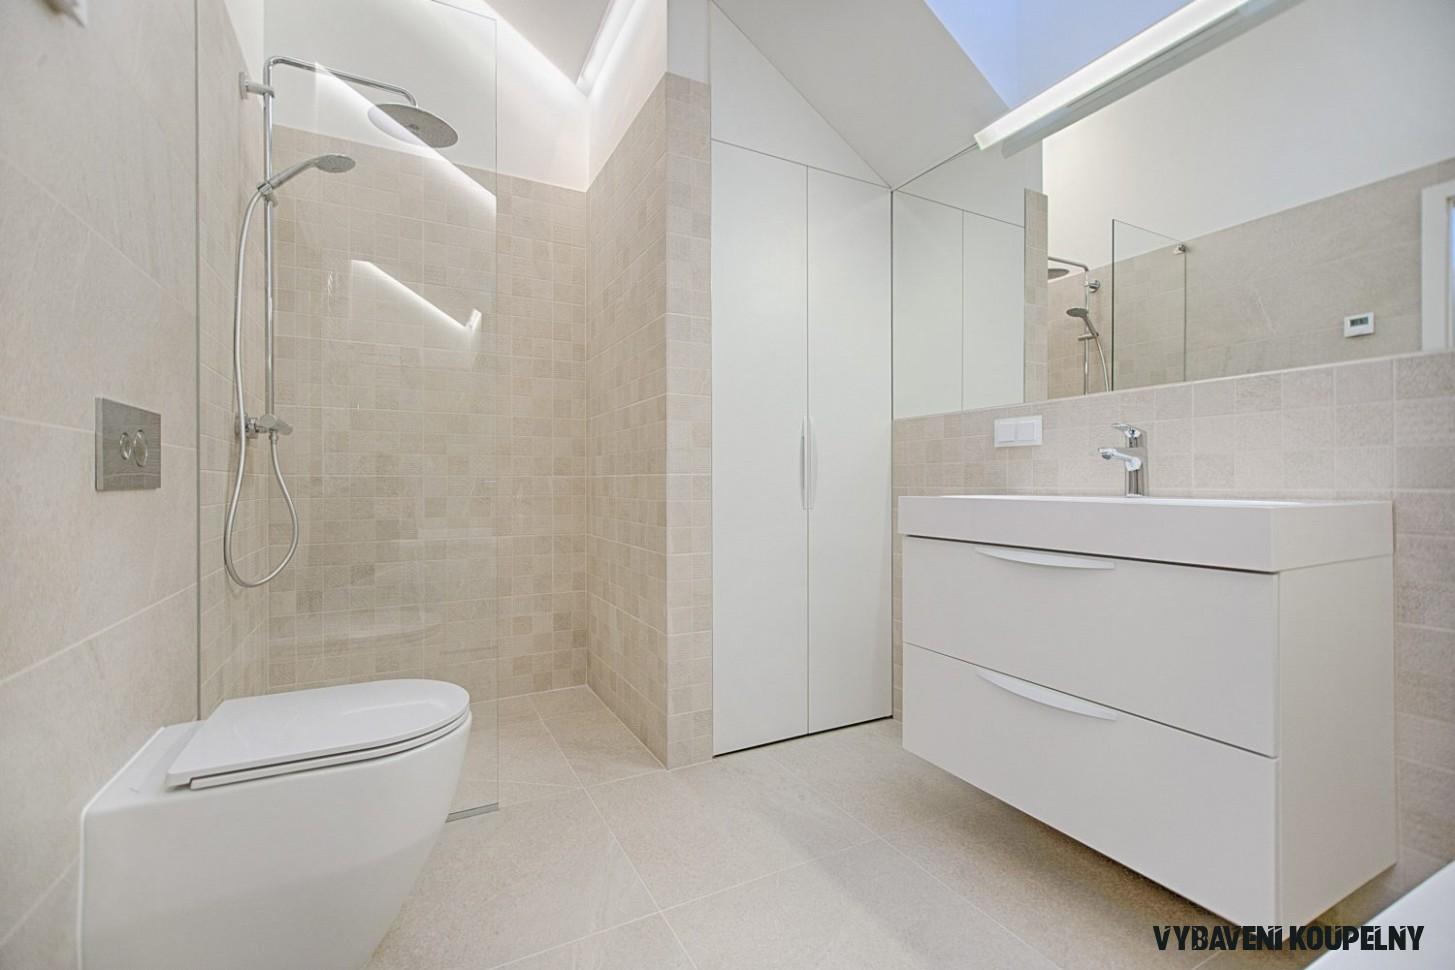 Komfortní sprchování díky kvalitnímu technickému vybavení koupelny